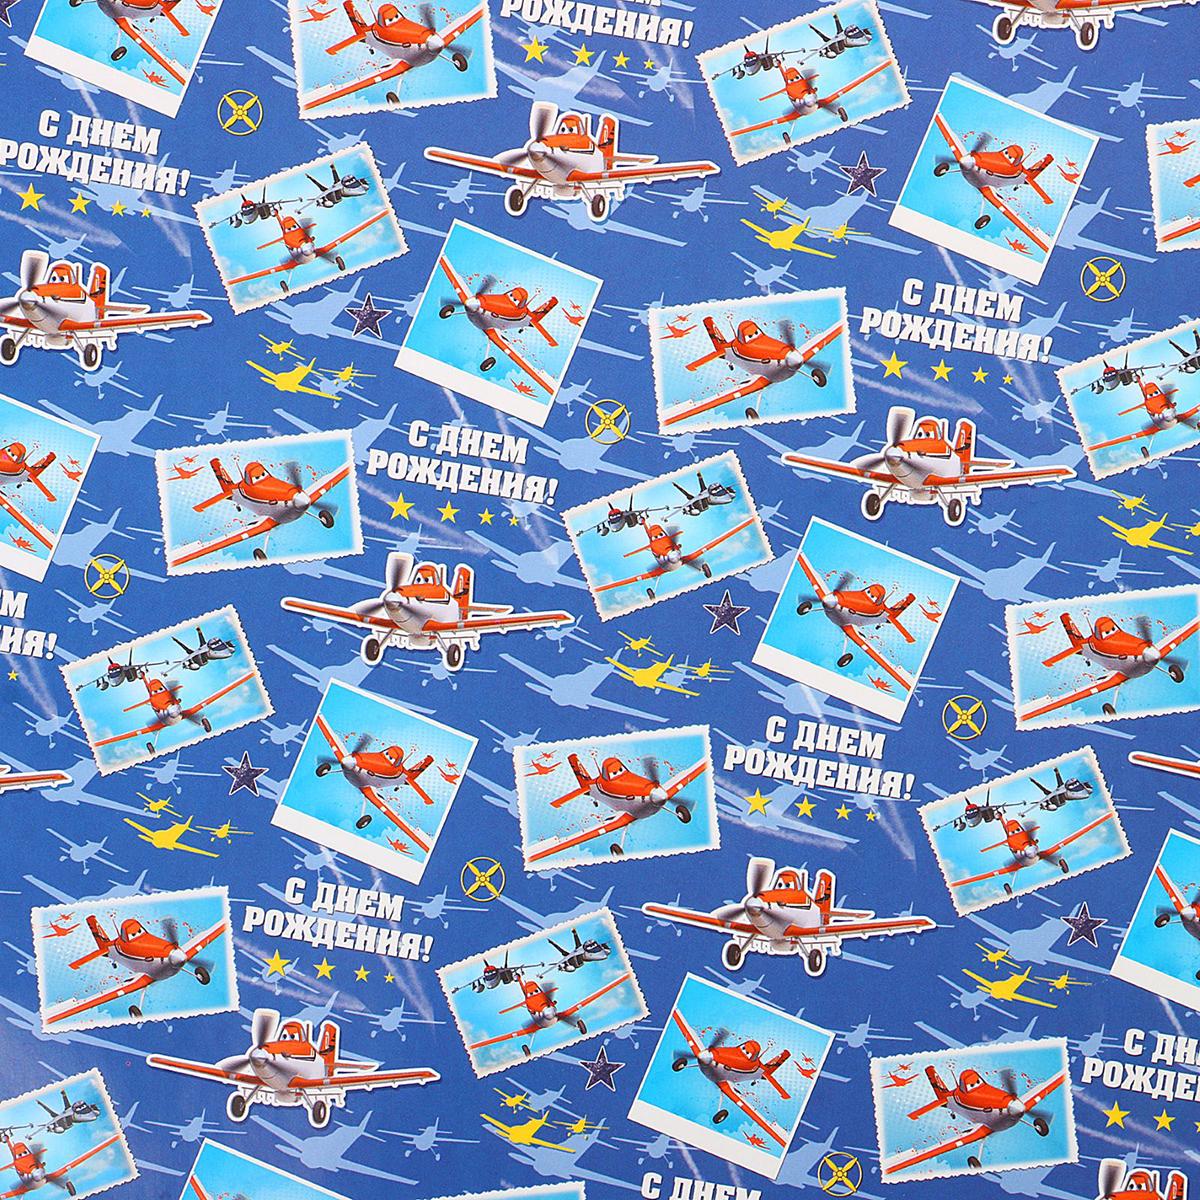 Бумага упаковочная Disney С Днем Рождения. Самолеты, глянцевая, 70 х 100 см. 13020061302006Удивительный мир Disney теперь совсем близко! Любимые герои и сюжеты в эксклюзивном дизайне нашей собственной разработки превращают любое изделие в современное произведение искусства с голливудским характером. Подарочная глянцевая бумага отличается высоким качеством печати и плотностью материала, что делает её удобной в вопросе оформления подарков. Такая упаковка всегда будет актуальна, ведь мультфильмы Disney, как вино, с годами становятся только лучше.